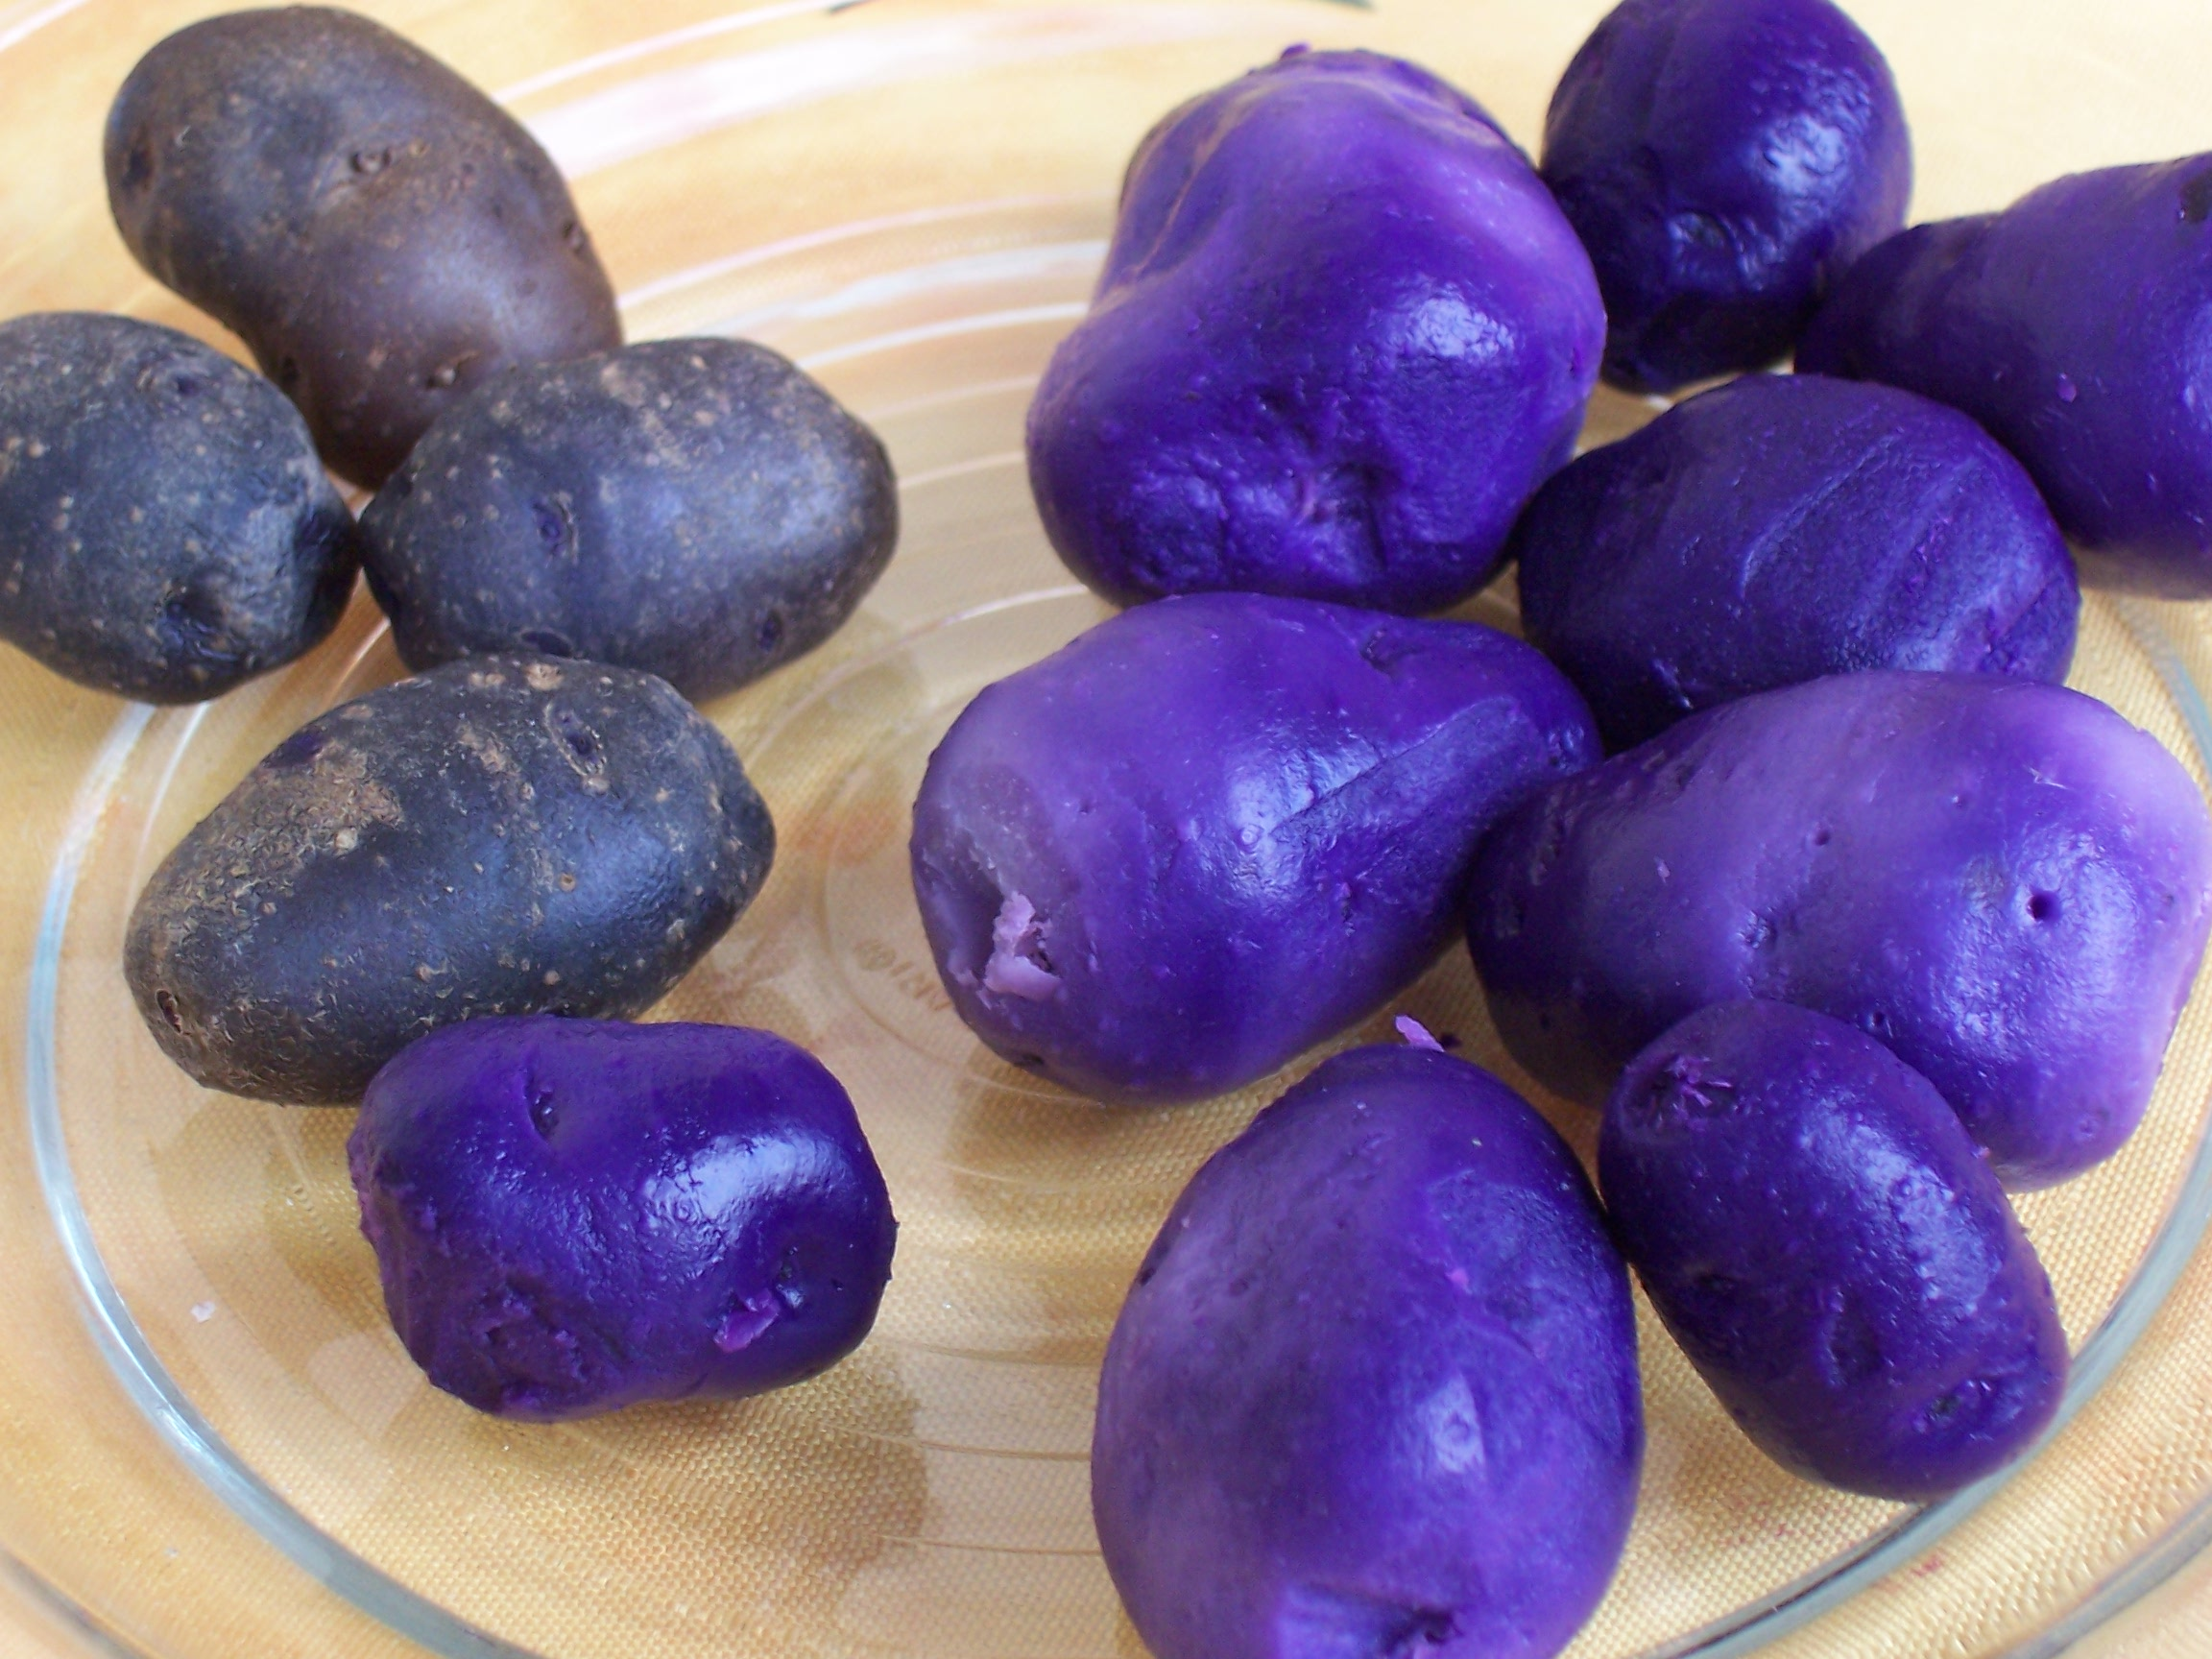 синеглазка картофель фото